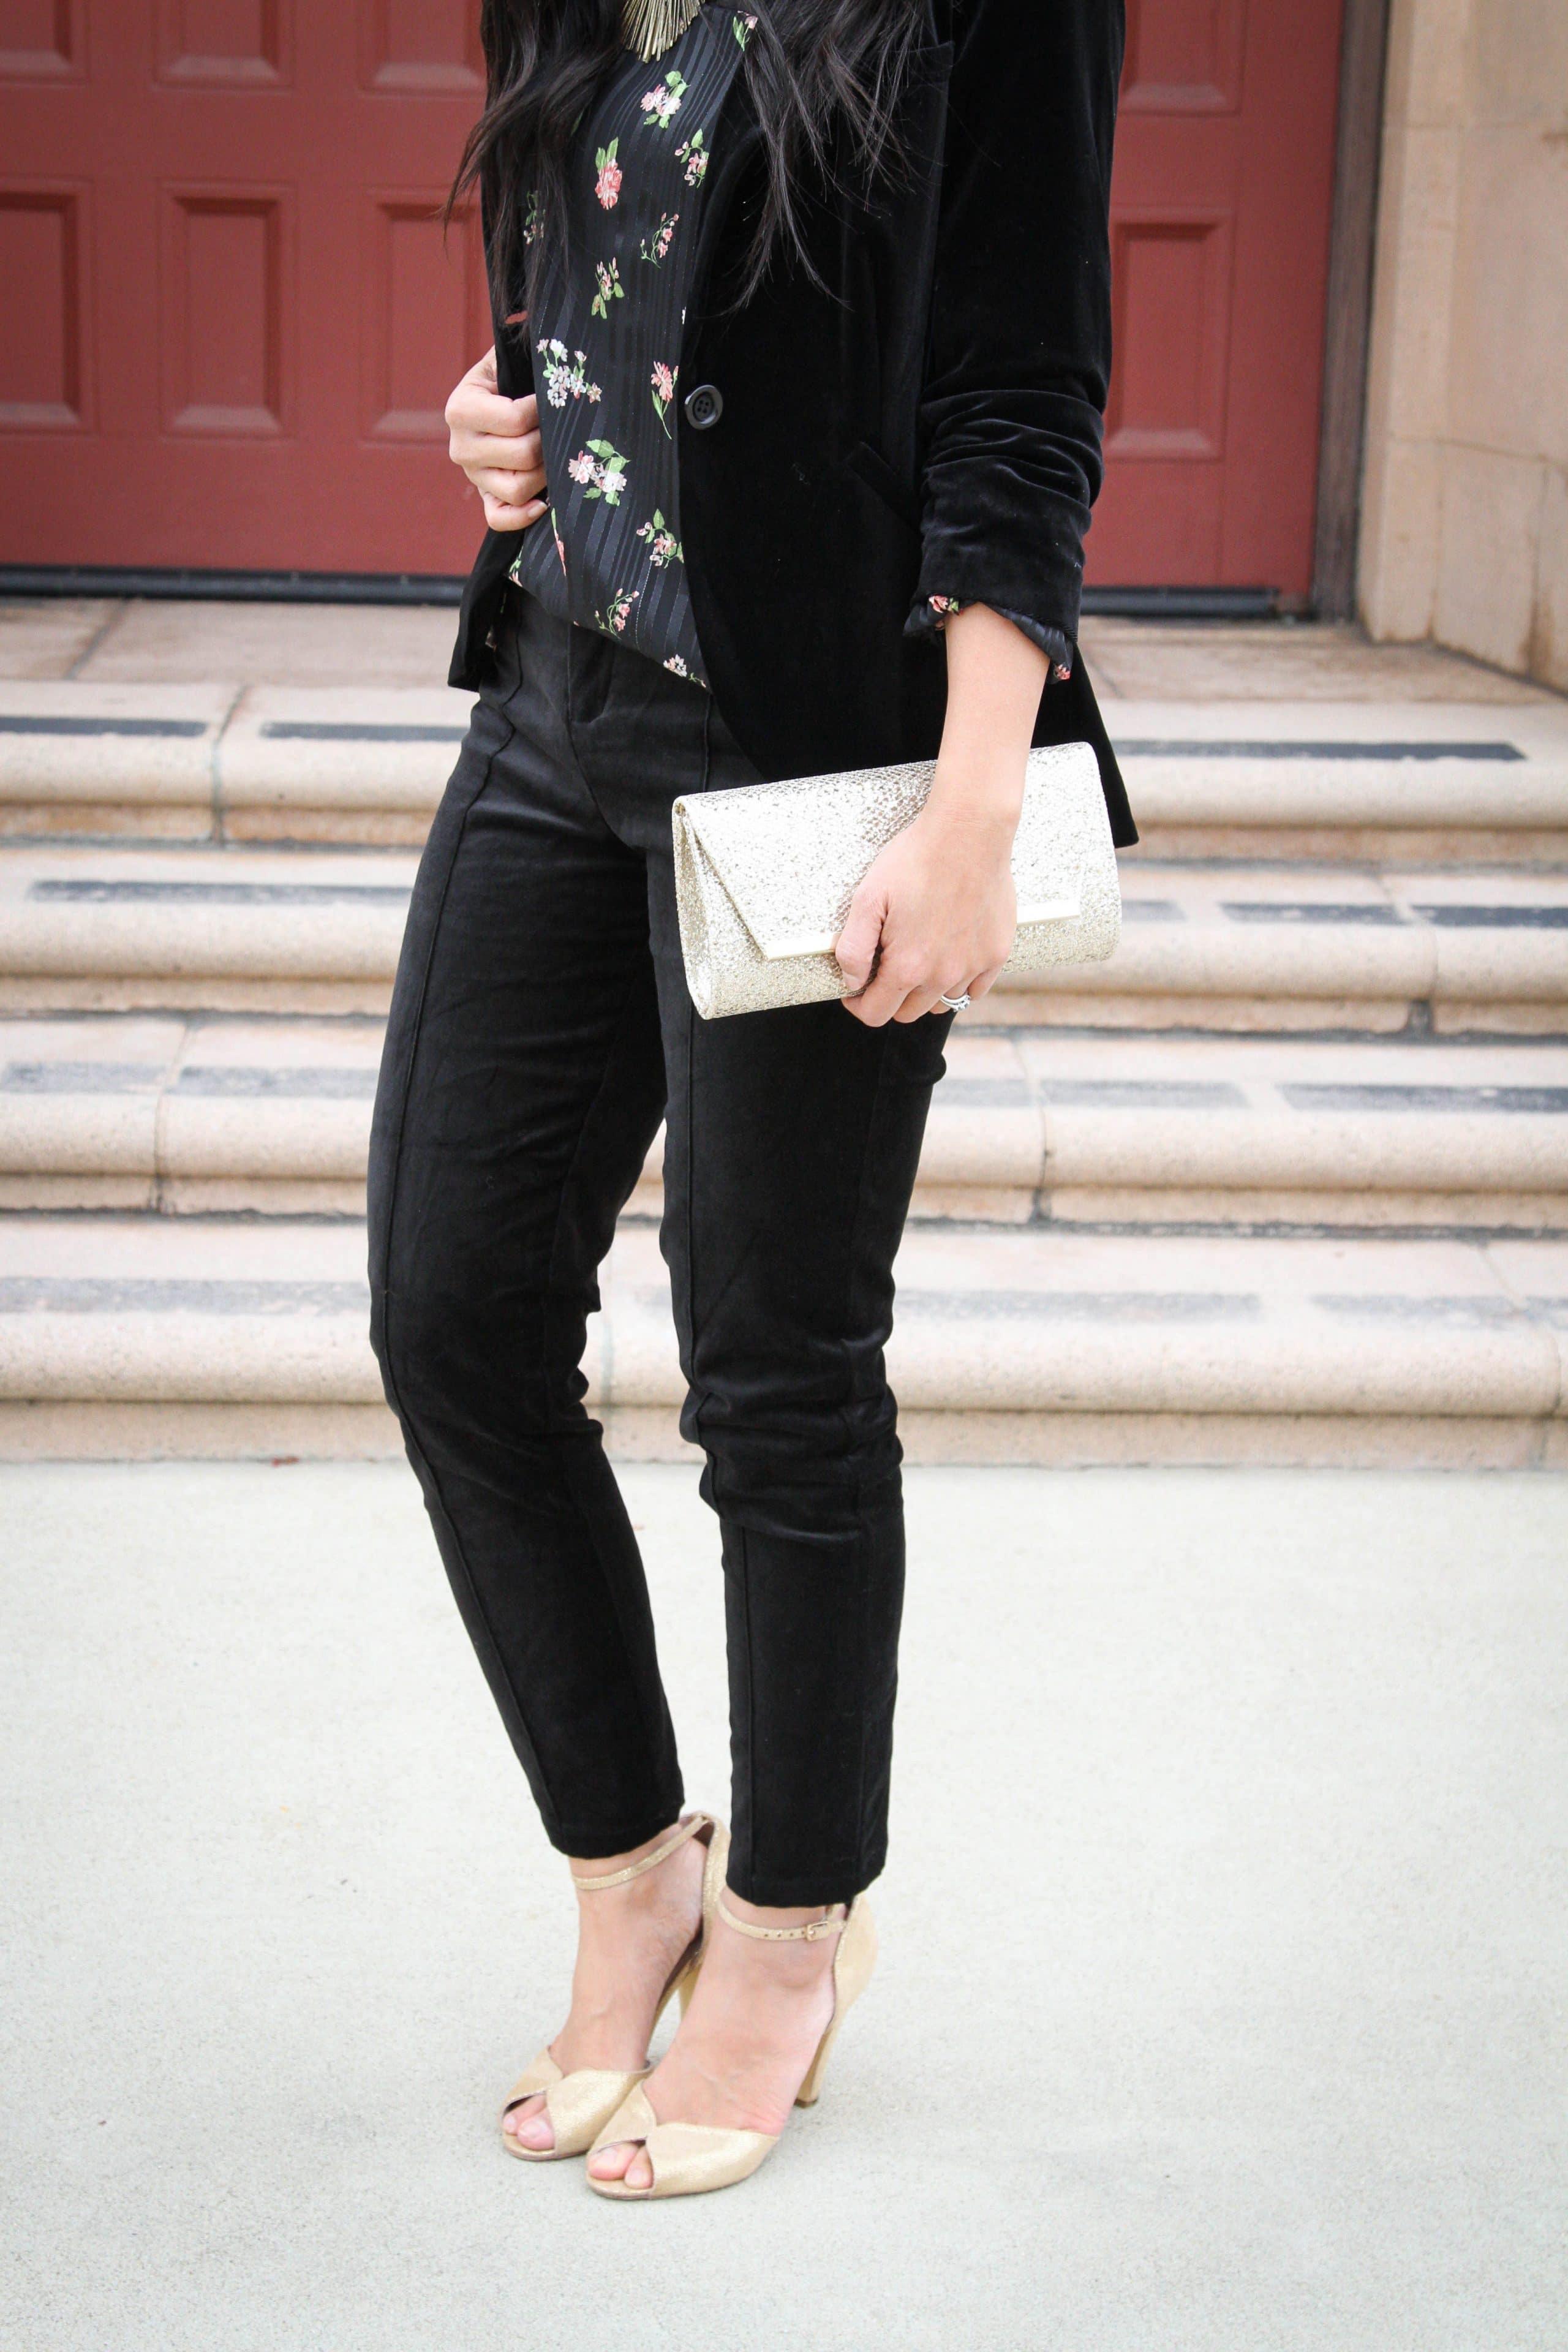 Gold Clutch + Gold Heels + Black velvet pants + Velvet blazer